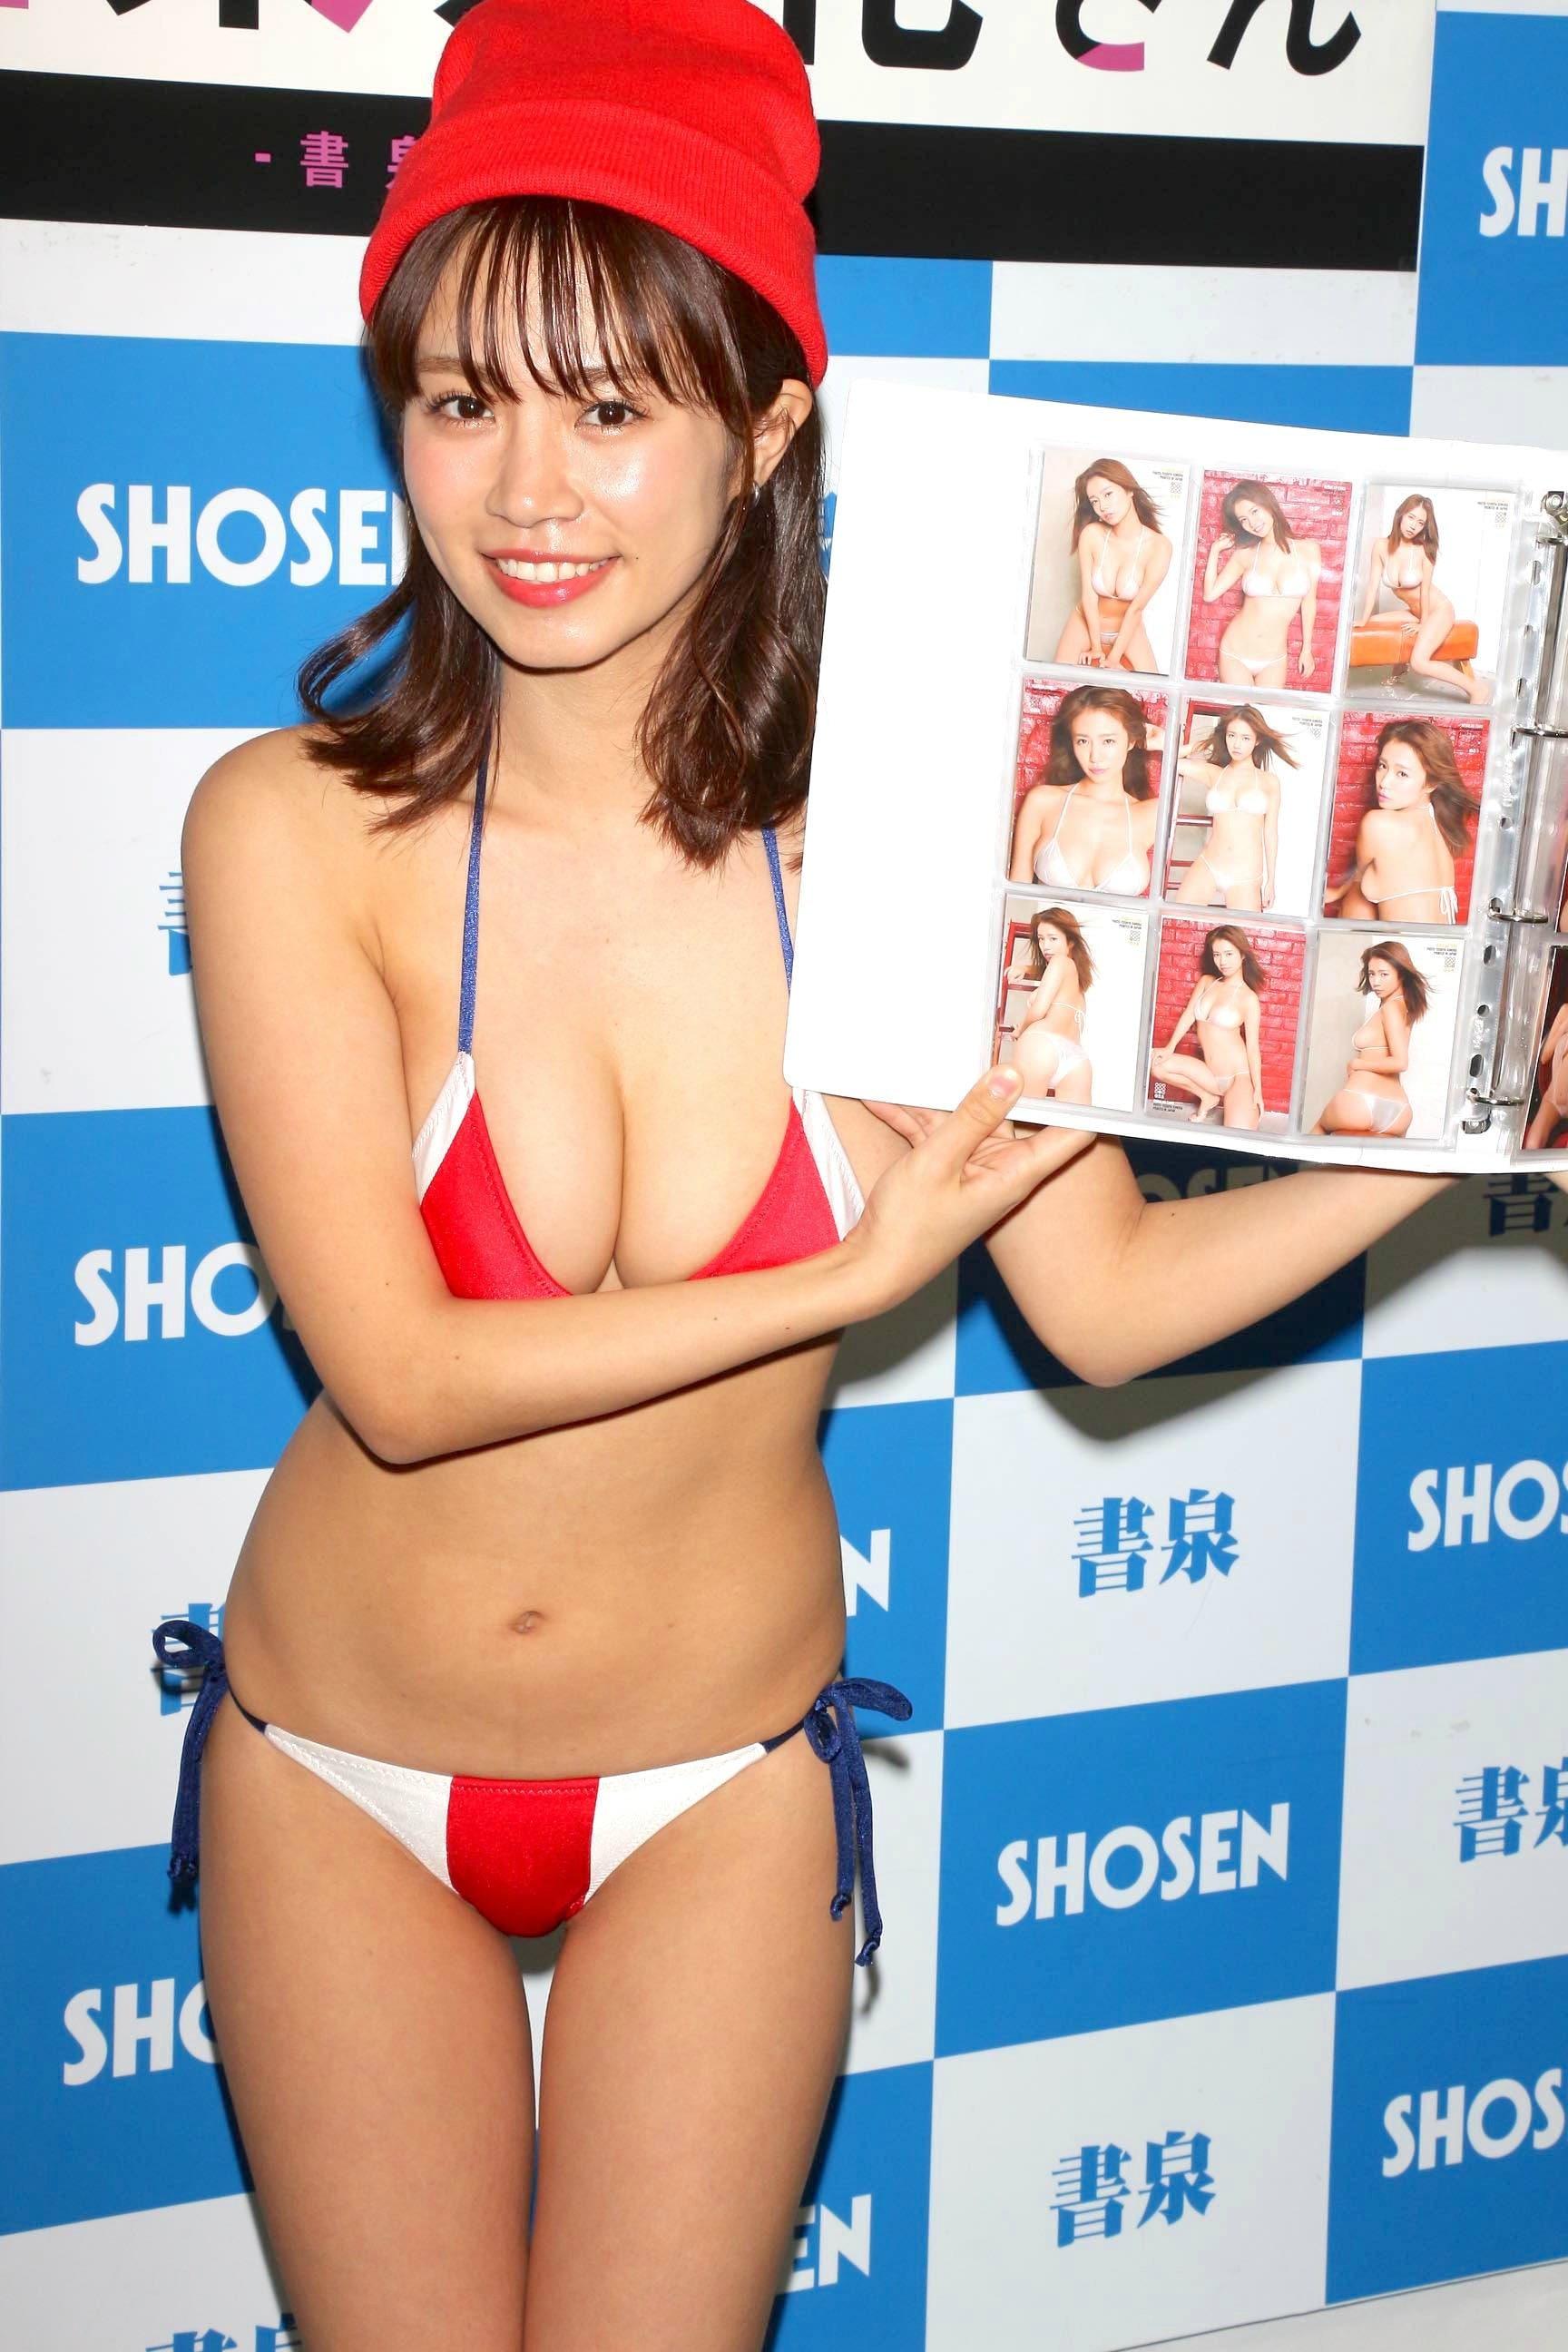 菜乃花「キス600回」を経験し、慣れてきた!?【写真18枚】の画像018